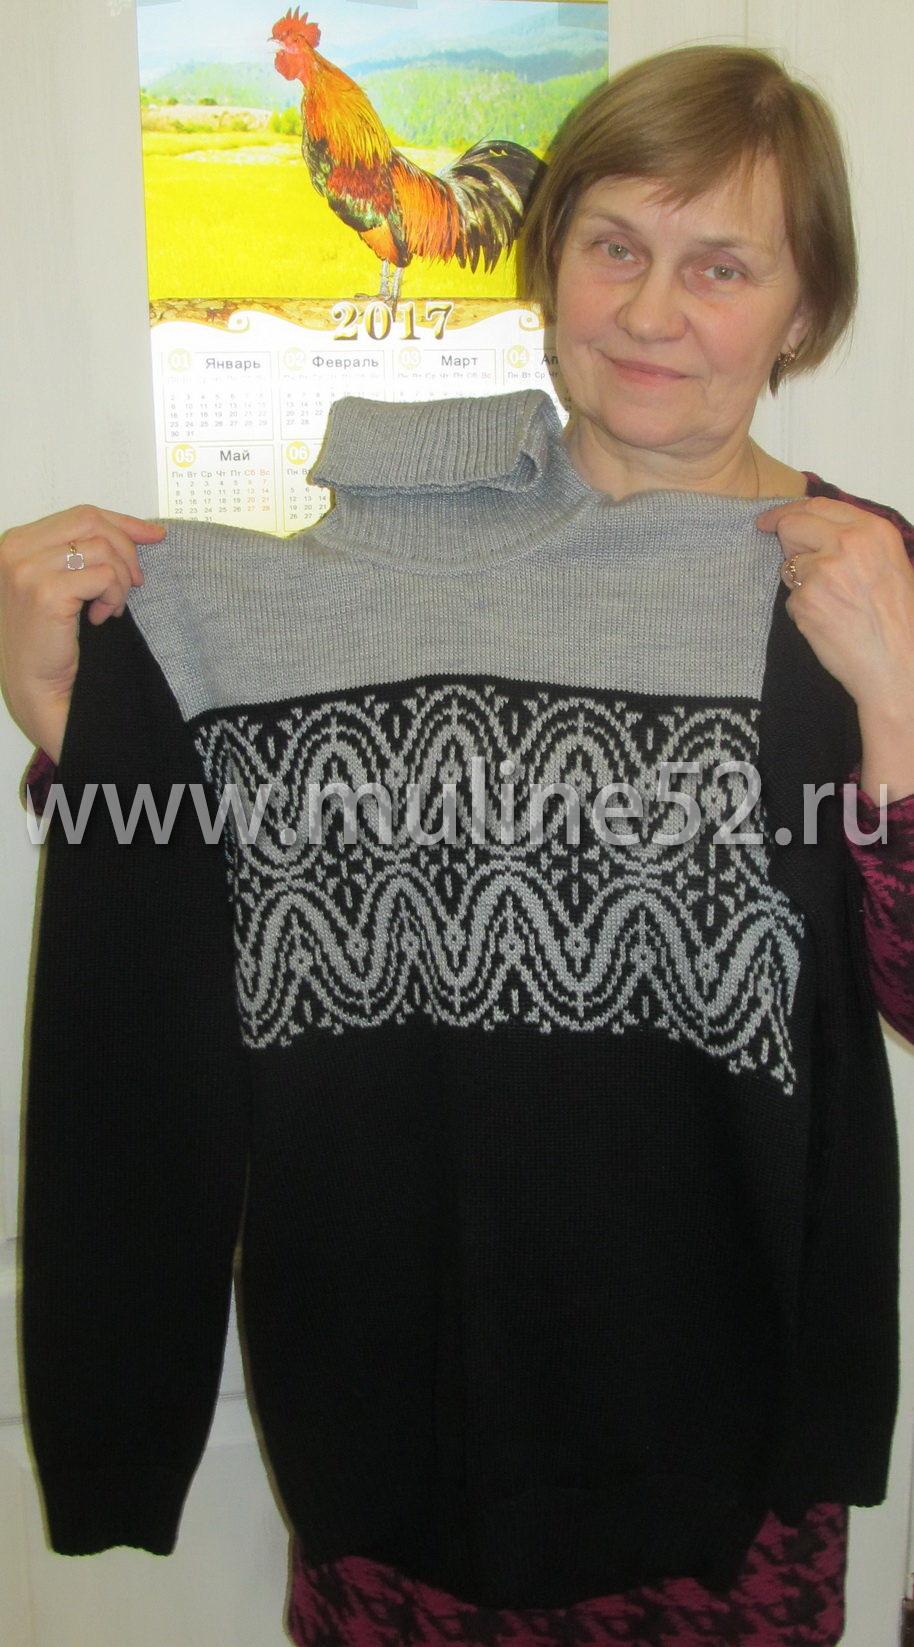 Машинное вязание екатеринбург 27